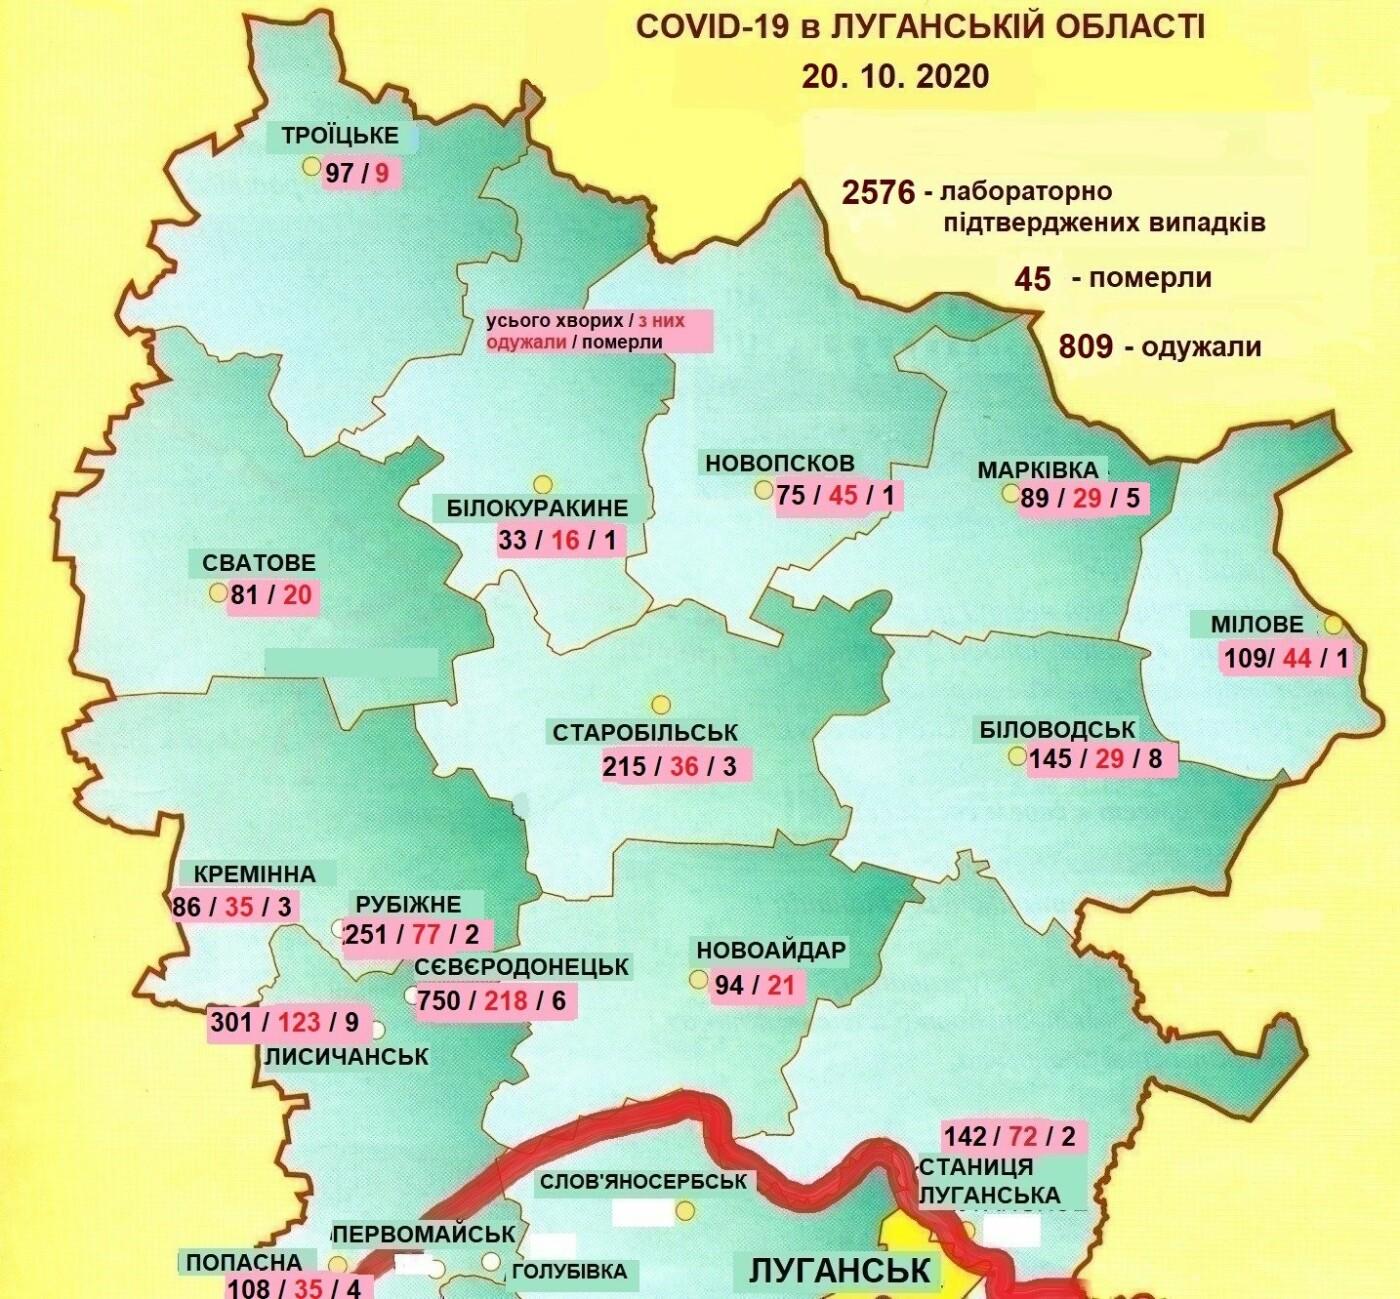 В Луганской области за сутки 109 новых случаев коронавируса: болезнь унесла жизни двух человек, фото-1